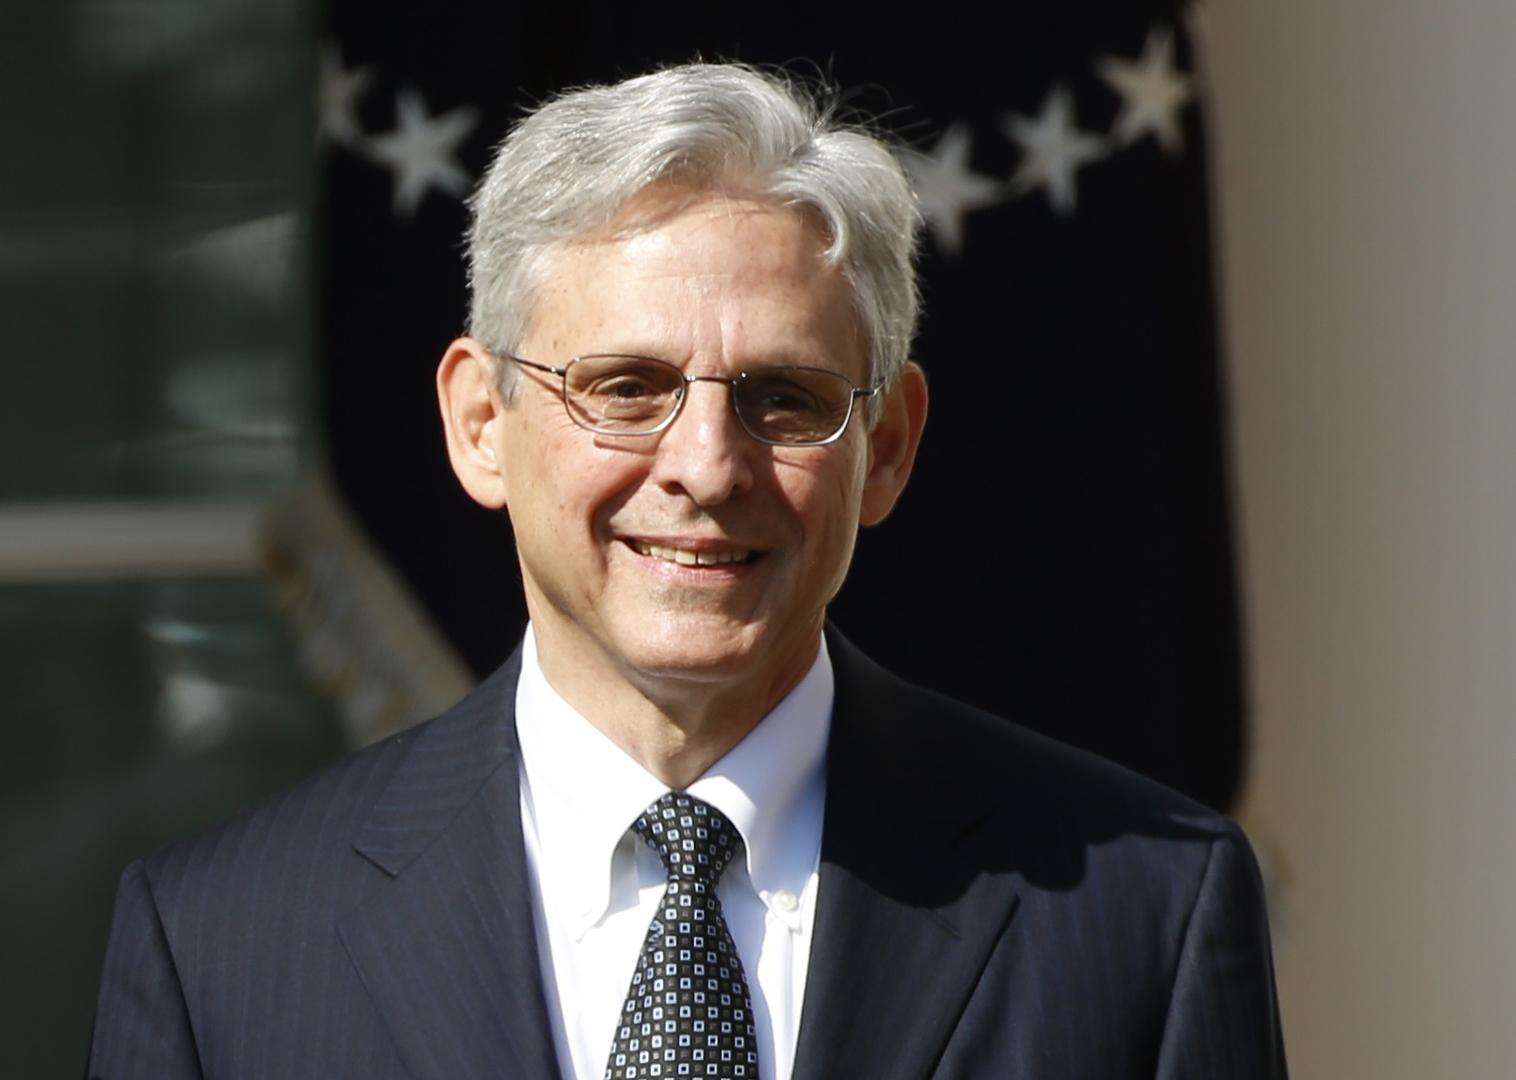 بوليتيكو: بايدن يختار القاضي ميريك جارلاند لمنصب وزير العدل